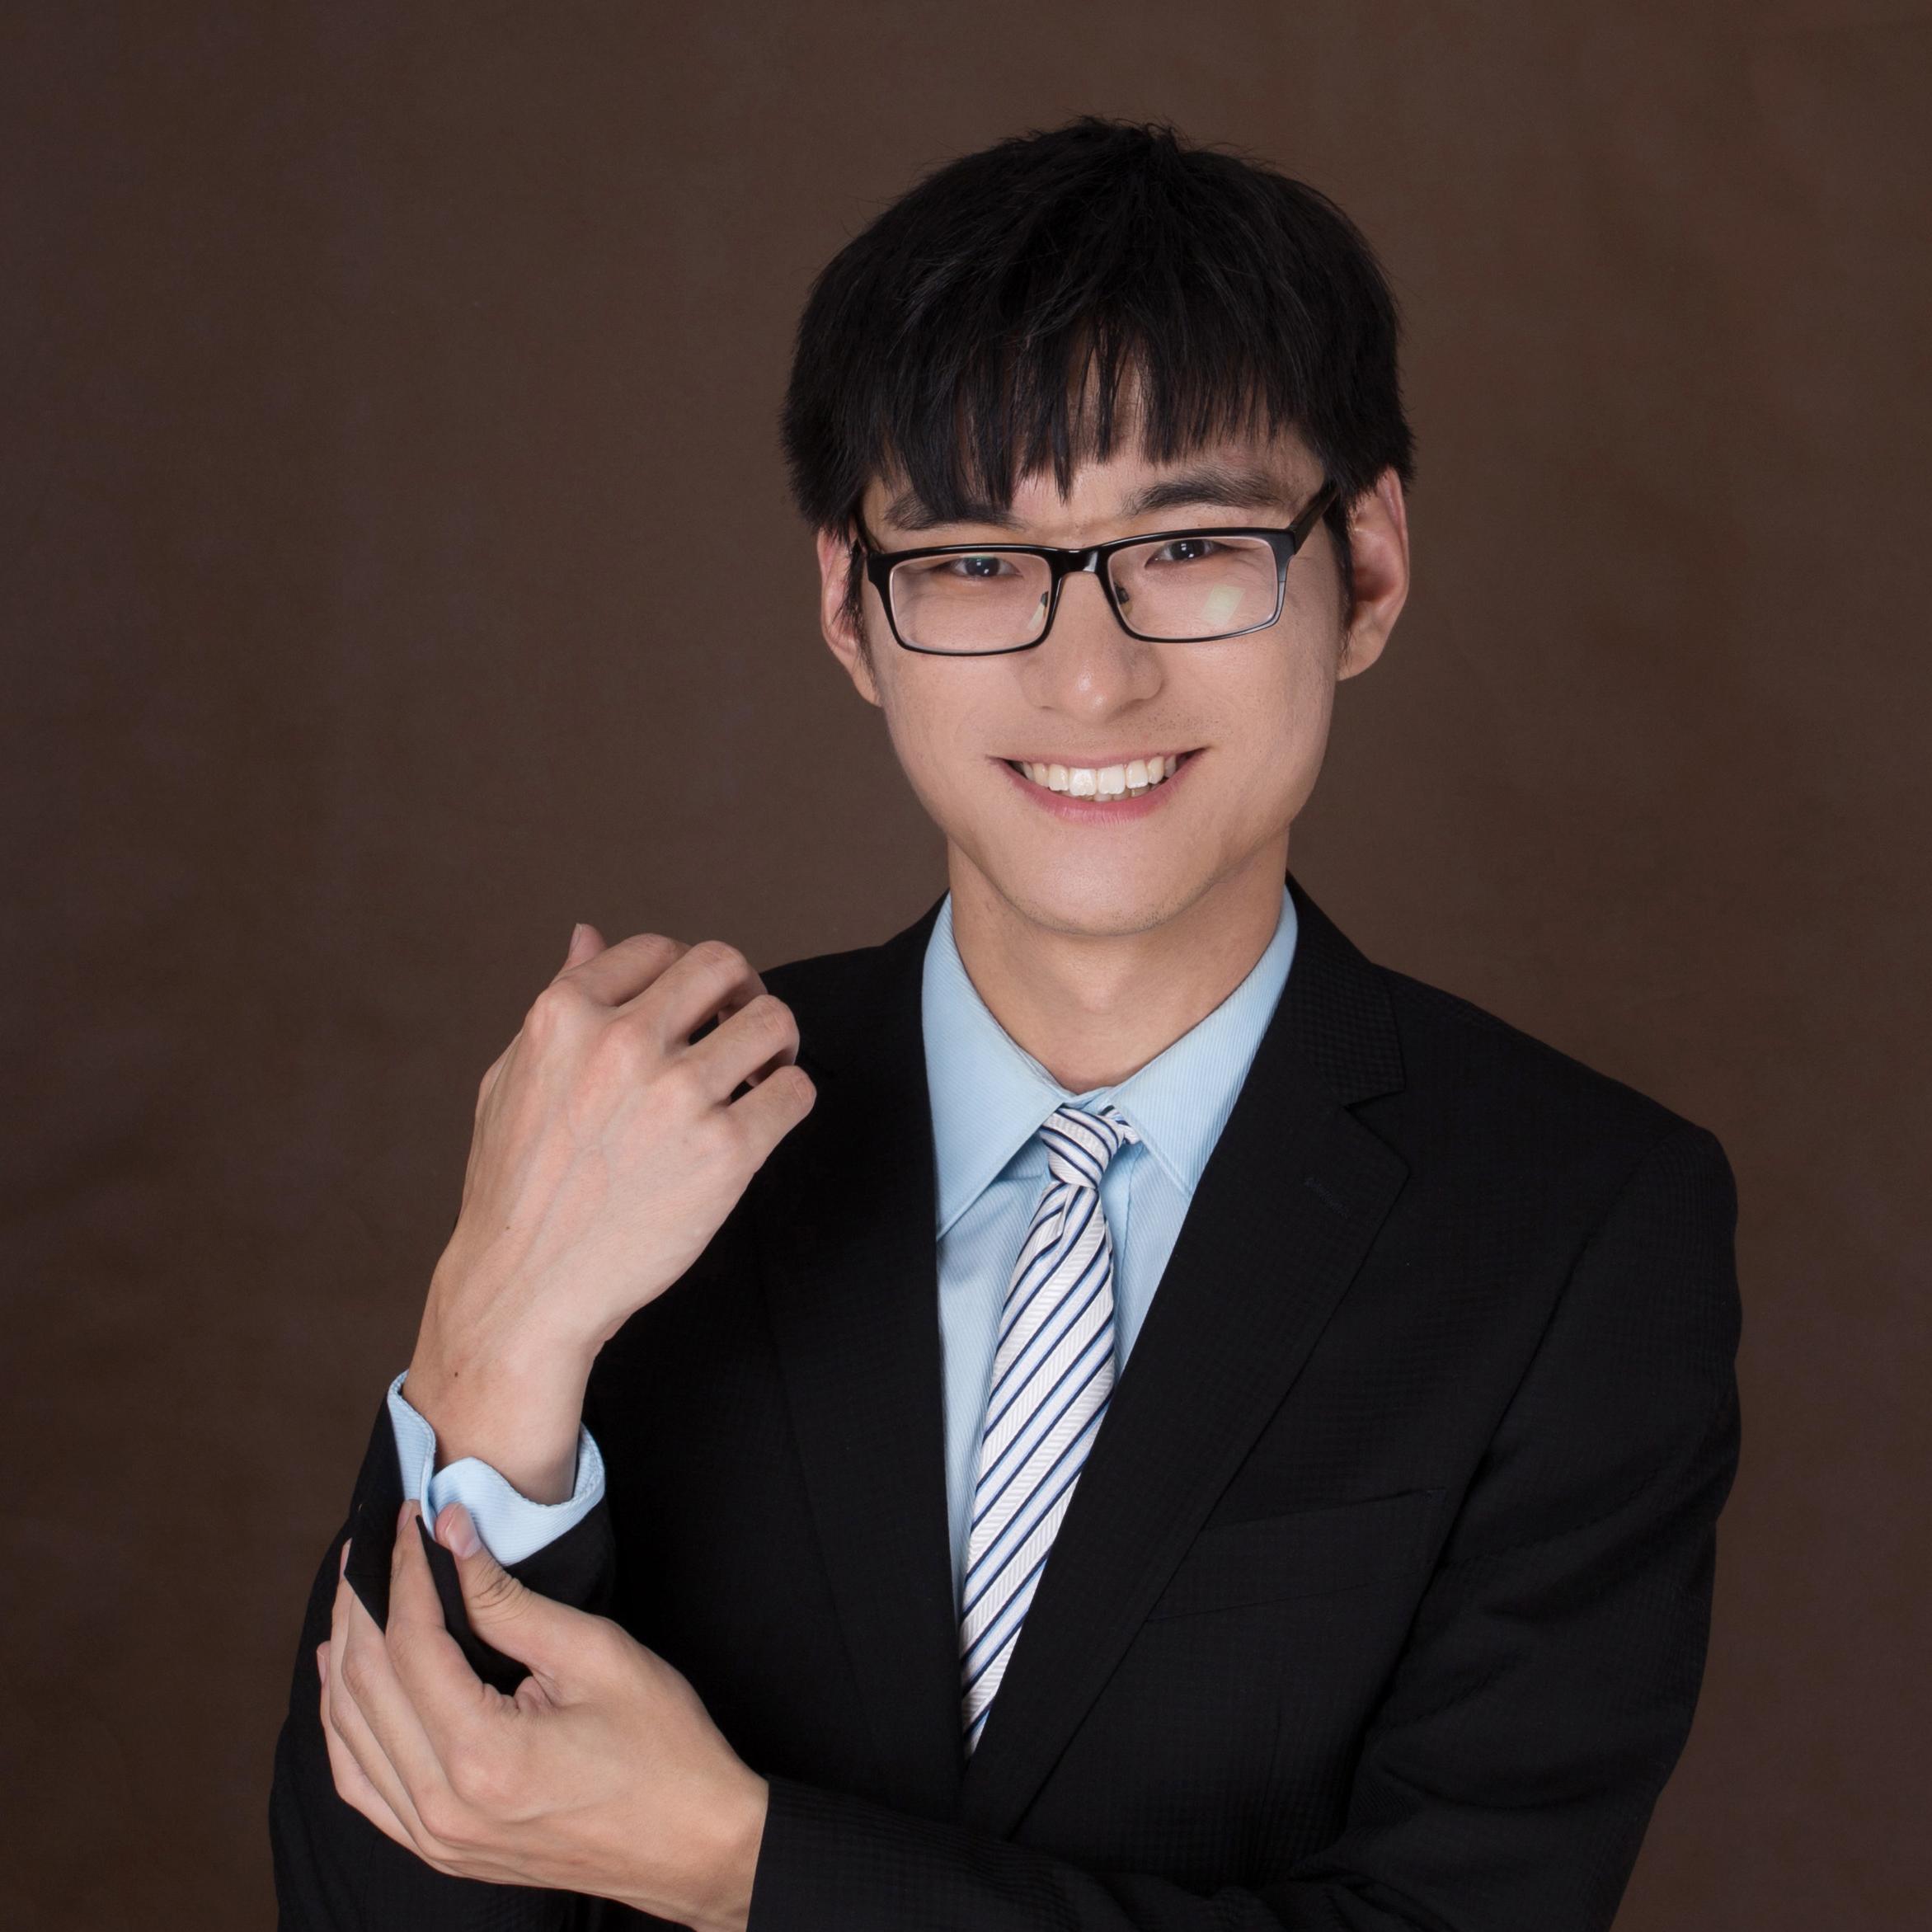 Angus Zheng